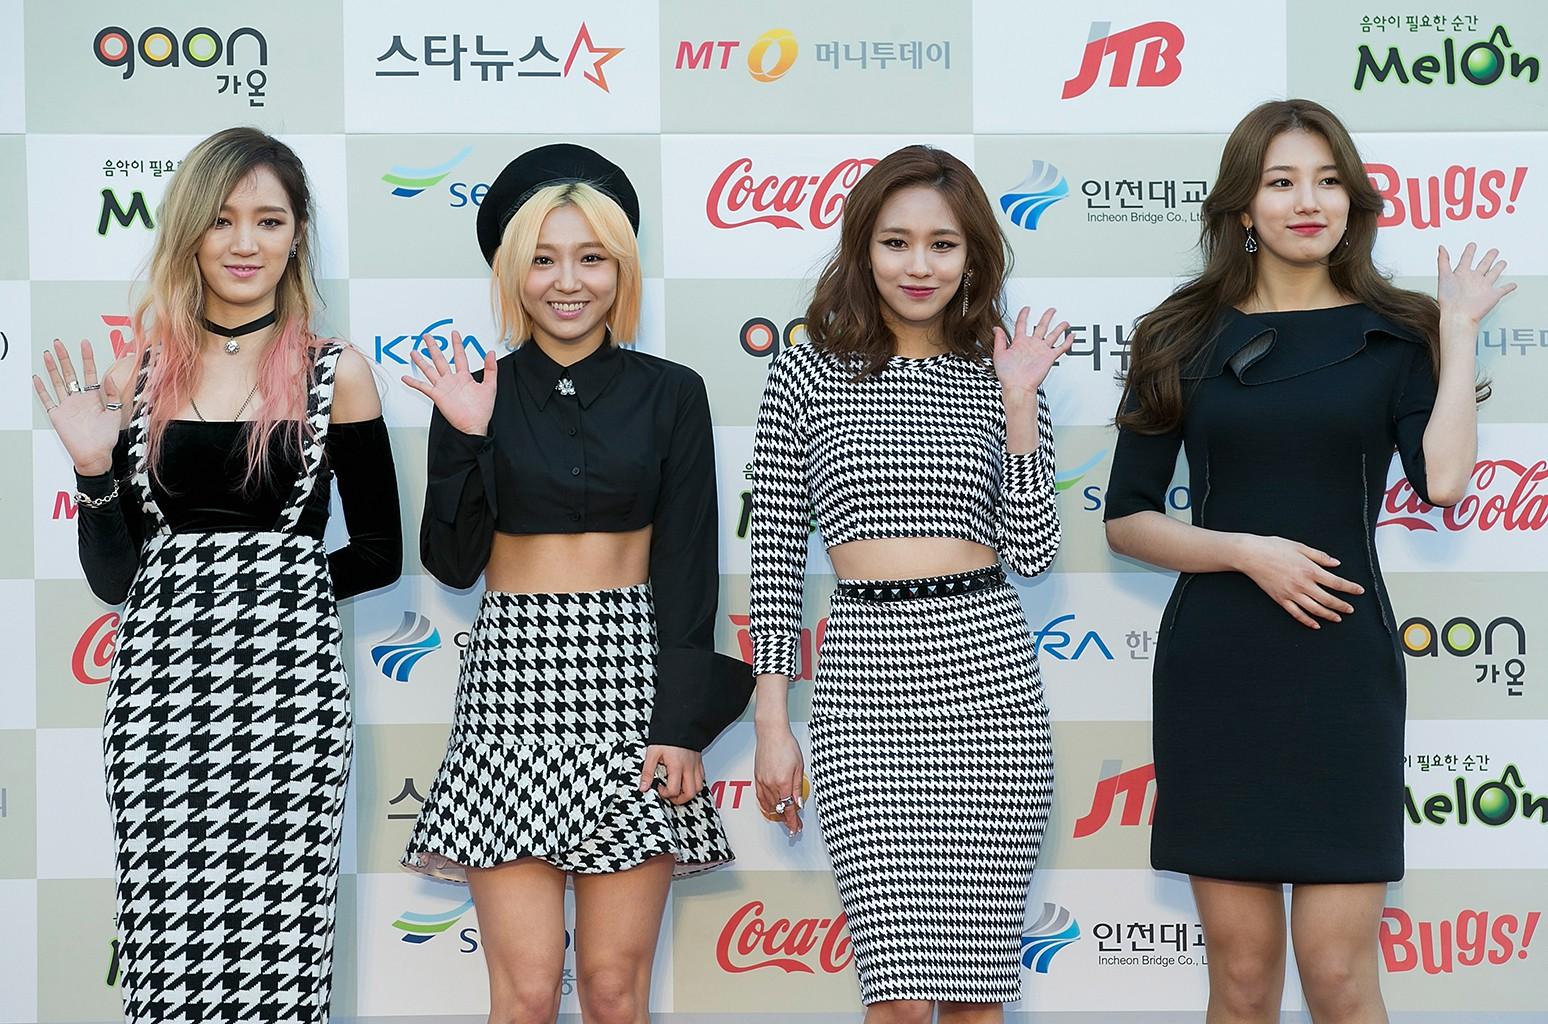 4 điểm trùng hợp bất ngờ của dàn em út vàng girlgroup nhà JYP: Visual hớp hồn, đến tuổi, phong cách cũng na ná - Ảnh 14.